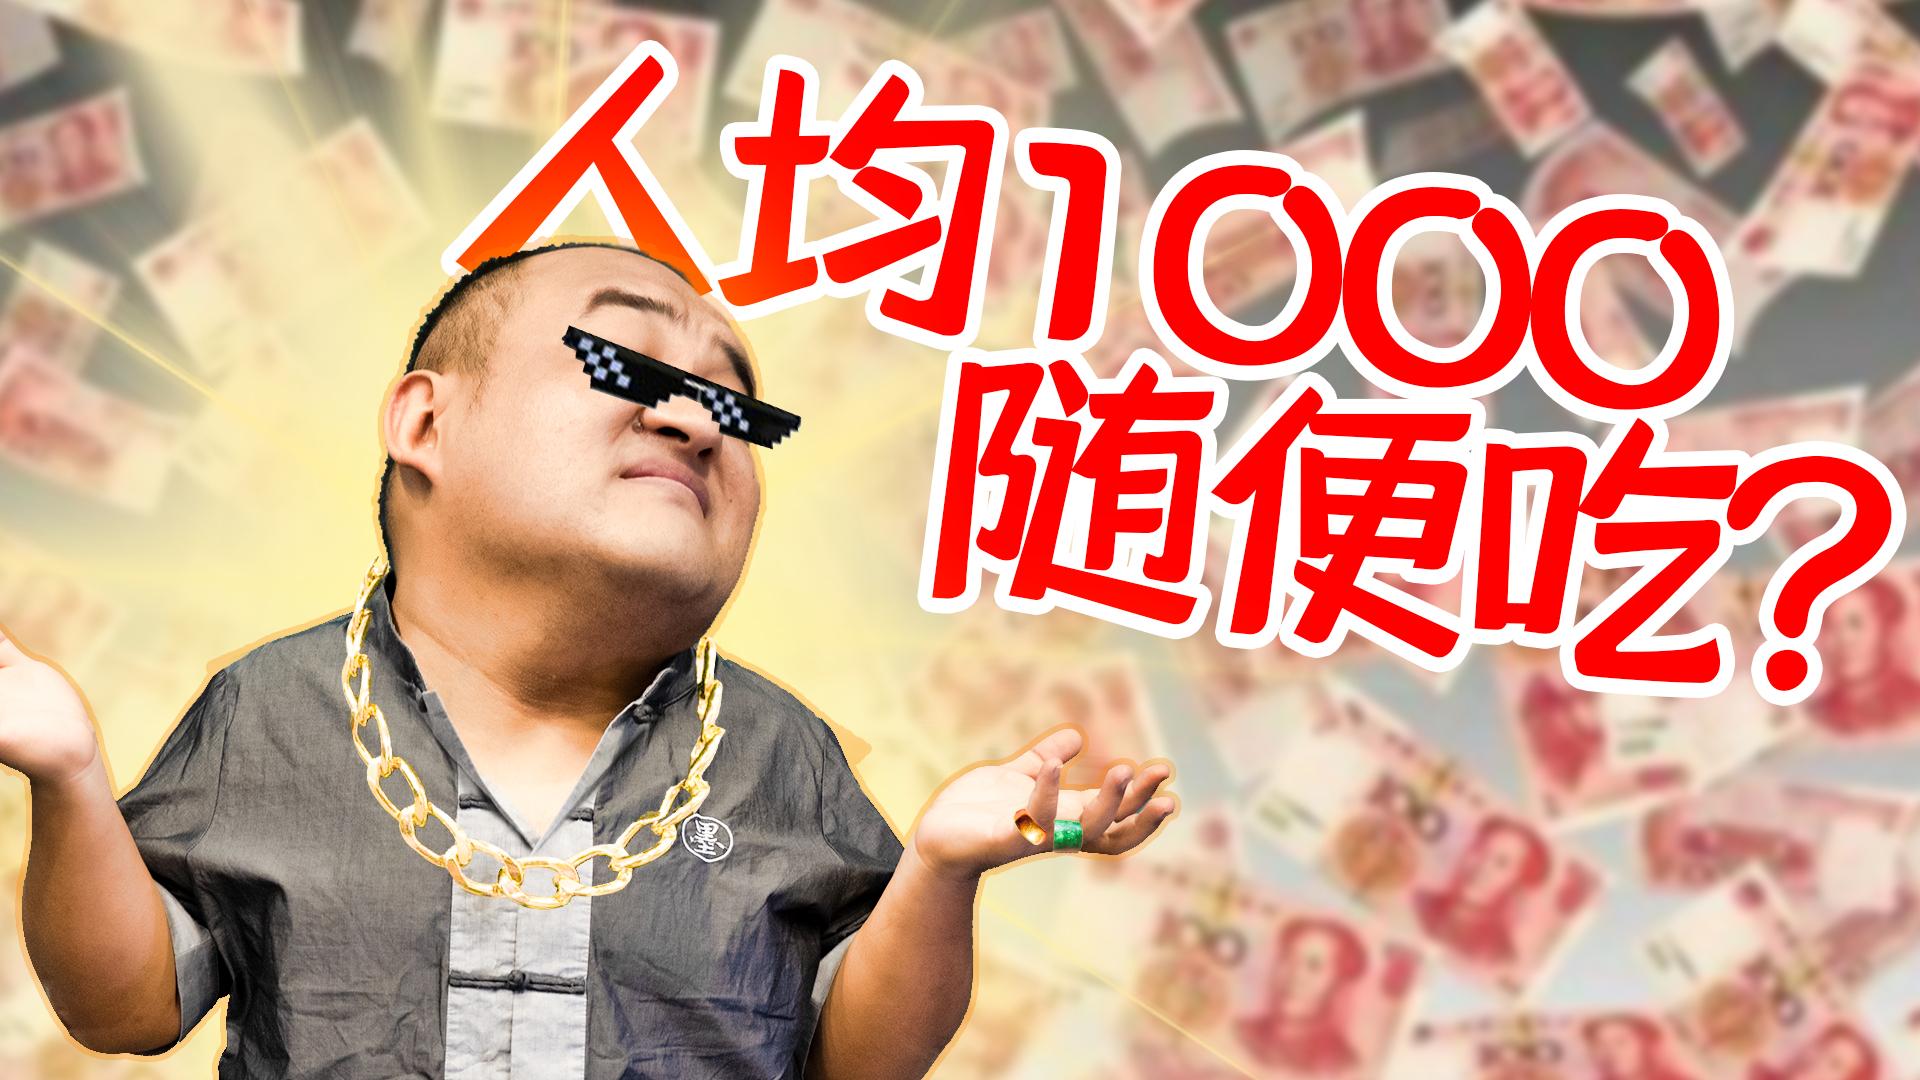 北京最贵的吃肉圣地,顿顿1000+,吃起来太过瘾!